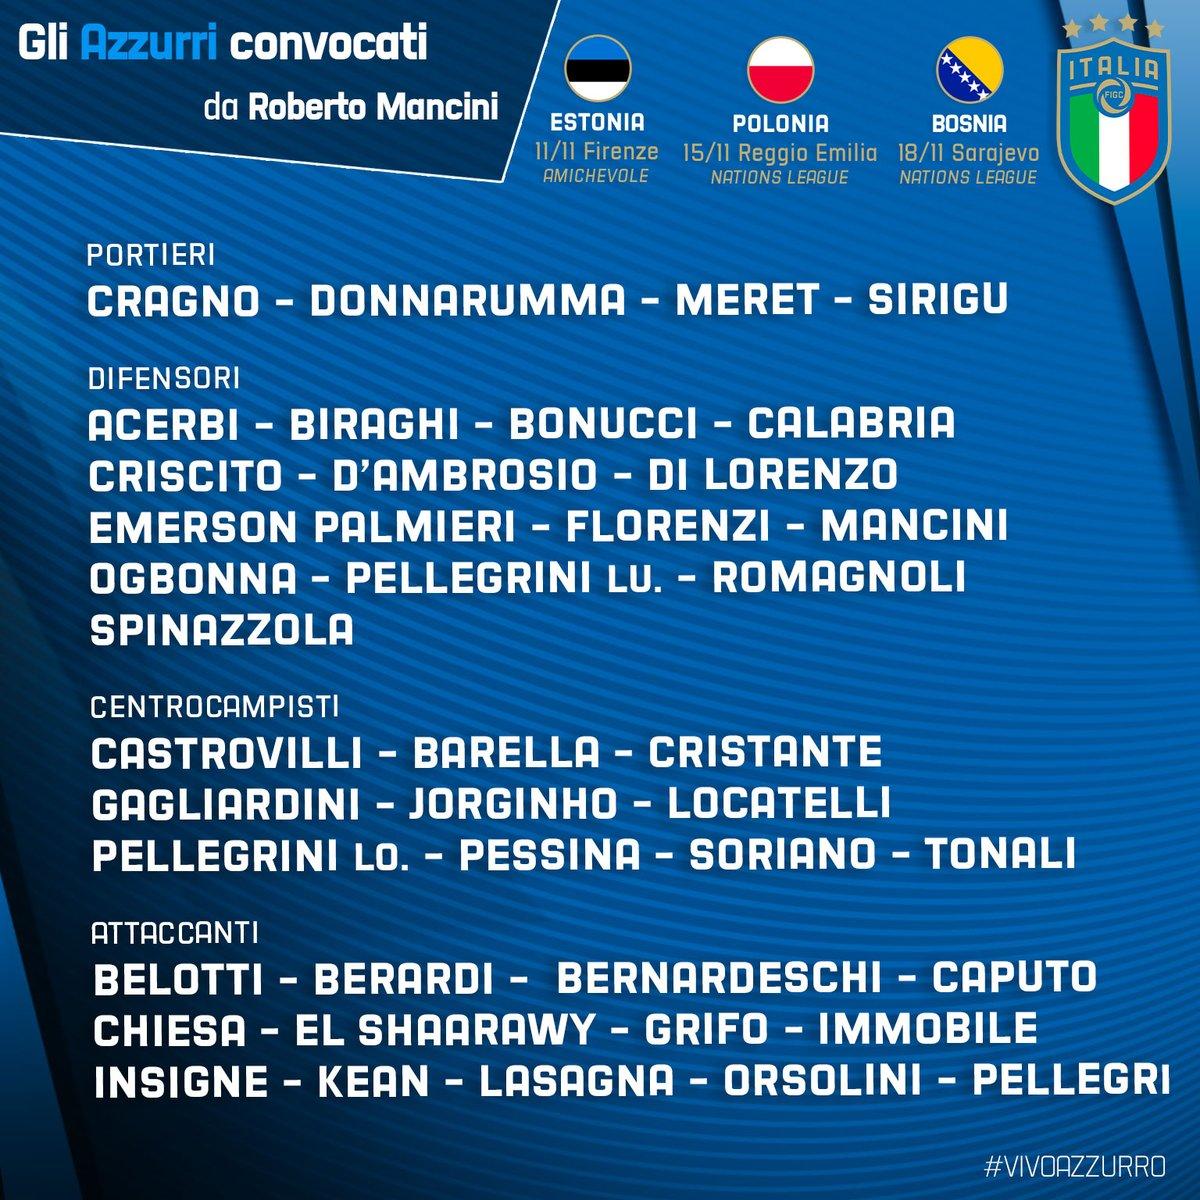 Italie : la liste de Roberto Mancini avec 41 joueurs !